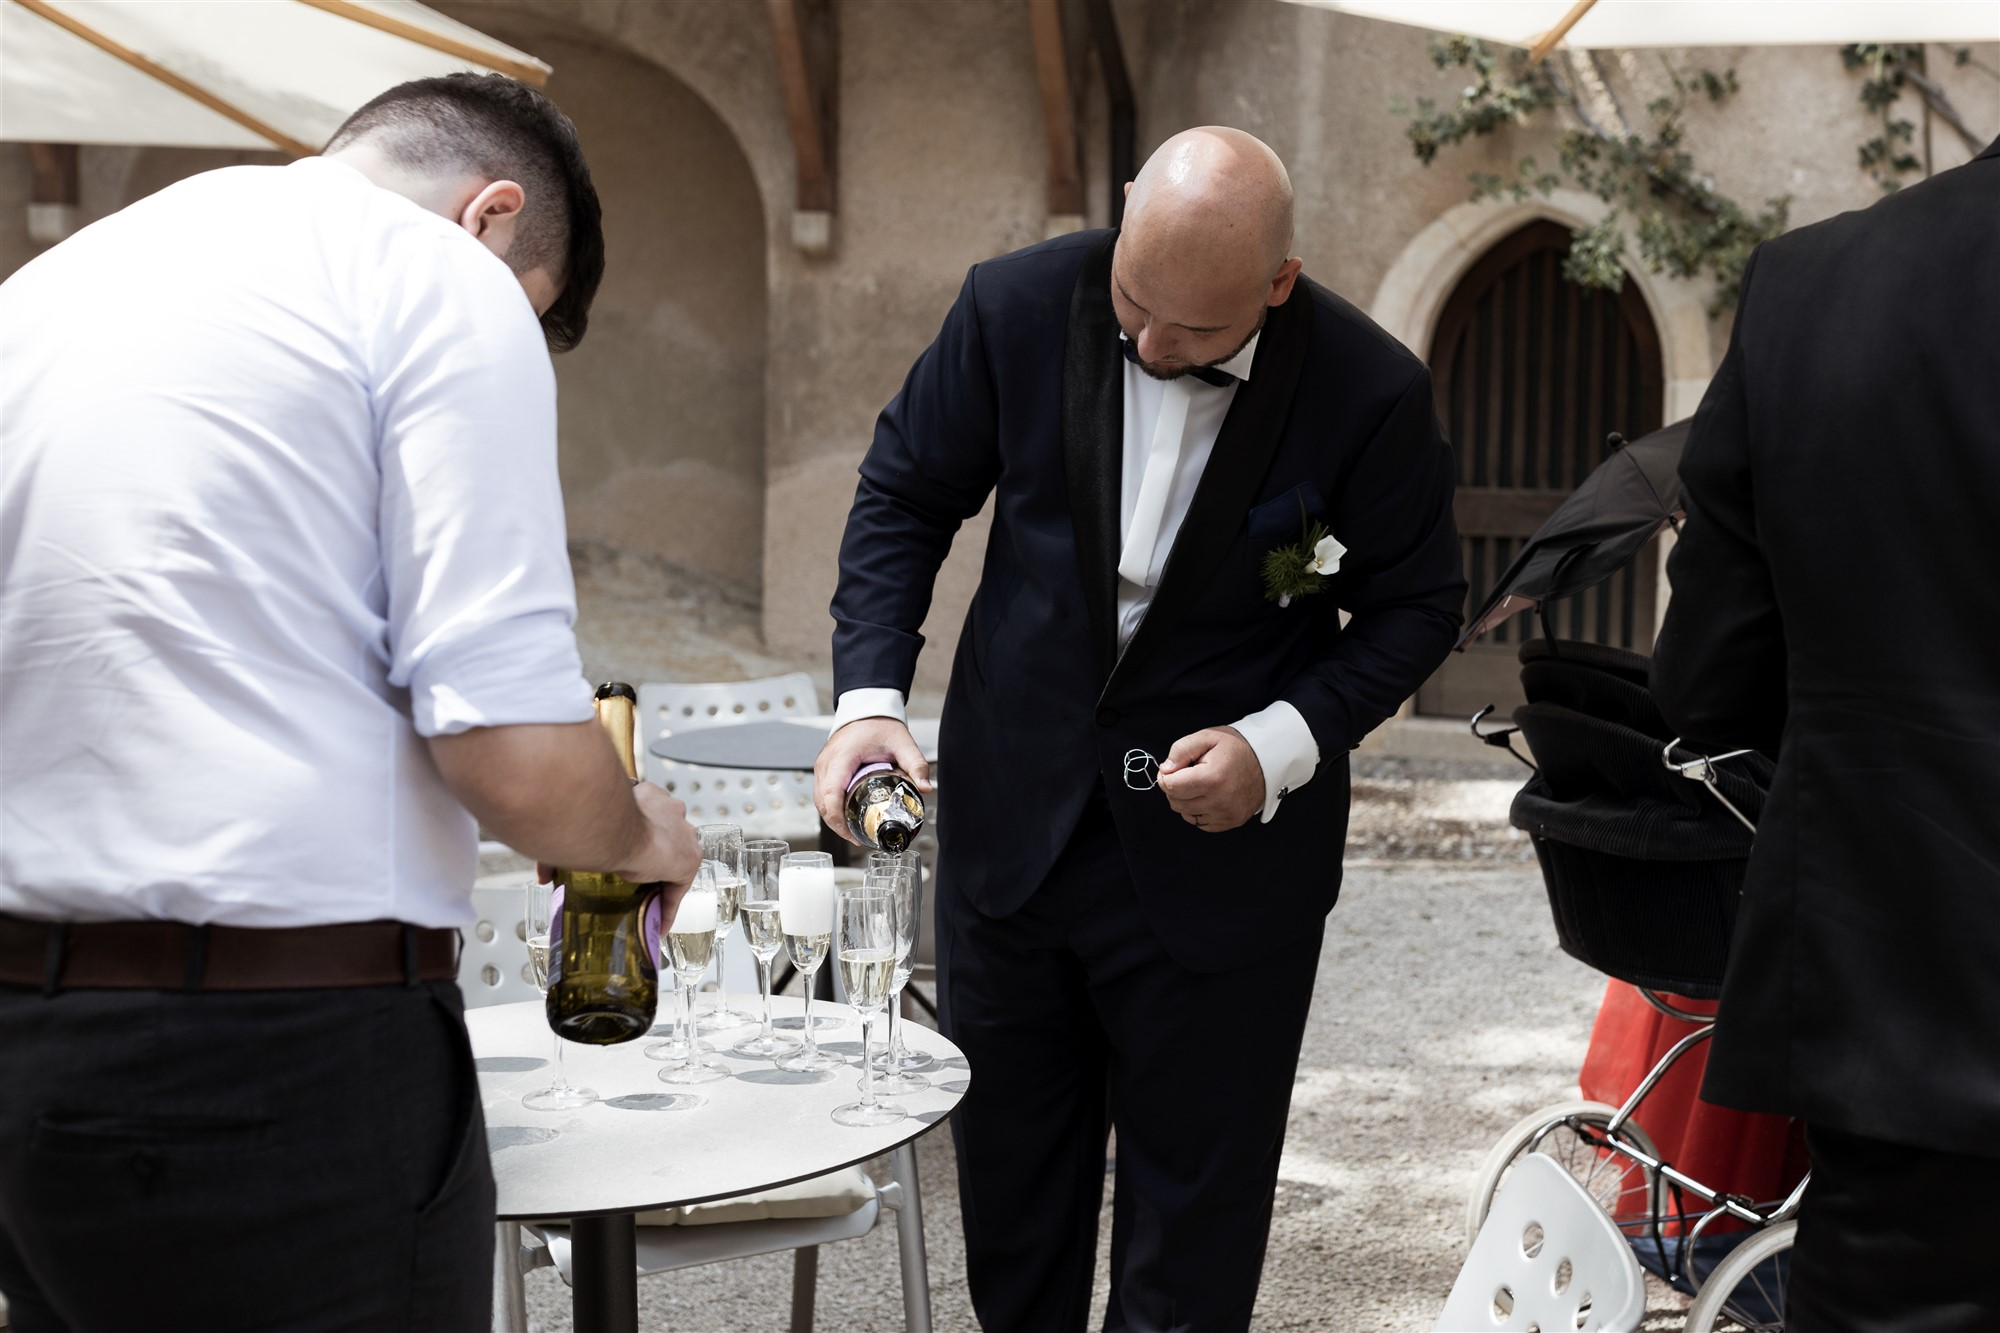 Hochzeit im Schloss Wildenstein - Apero im Innenhof